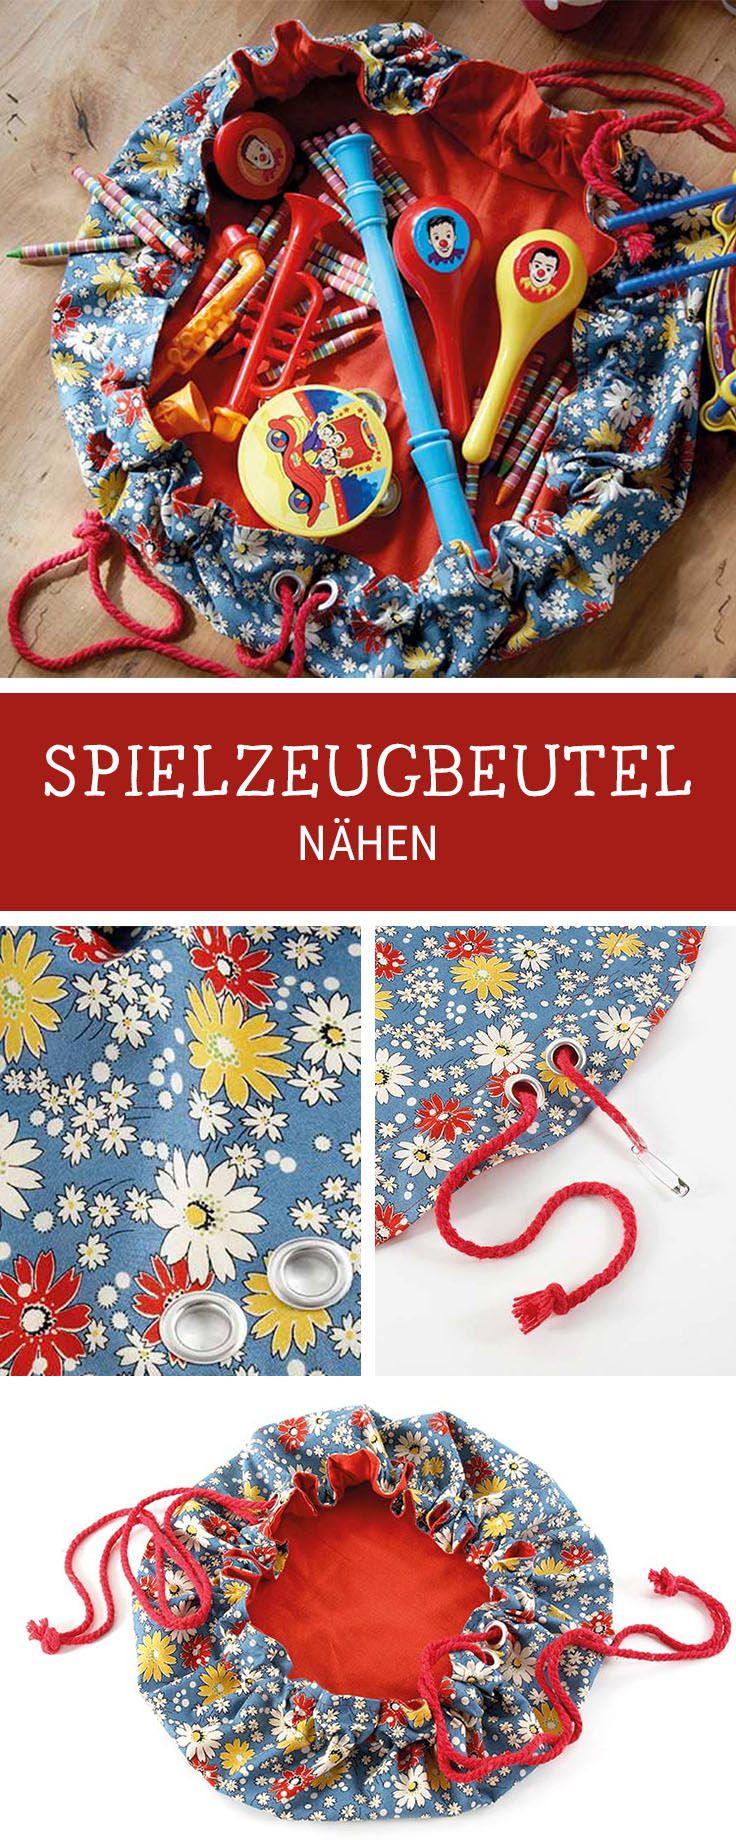 Praktische Spielzeugtasche nähen fürs Kinderzimmer, Ordnung schaffen / get rid of the chaos in the nursery: sewing pattern for an utensilo, toy bag …